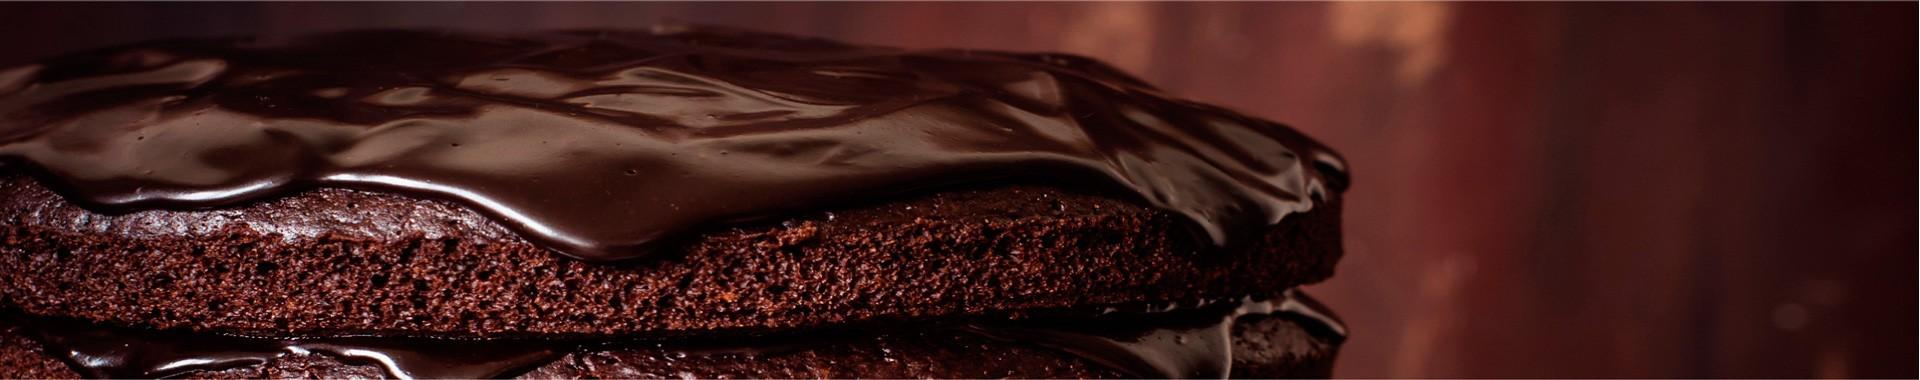 Ideas para aromatizar una salsa de chocolate